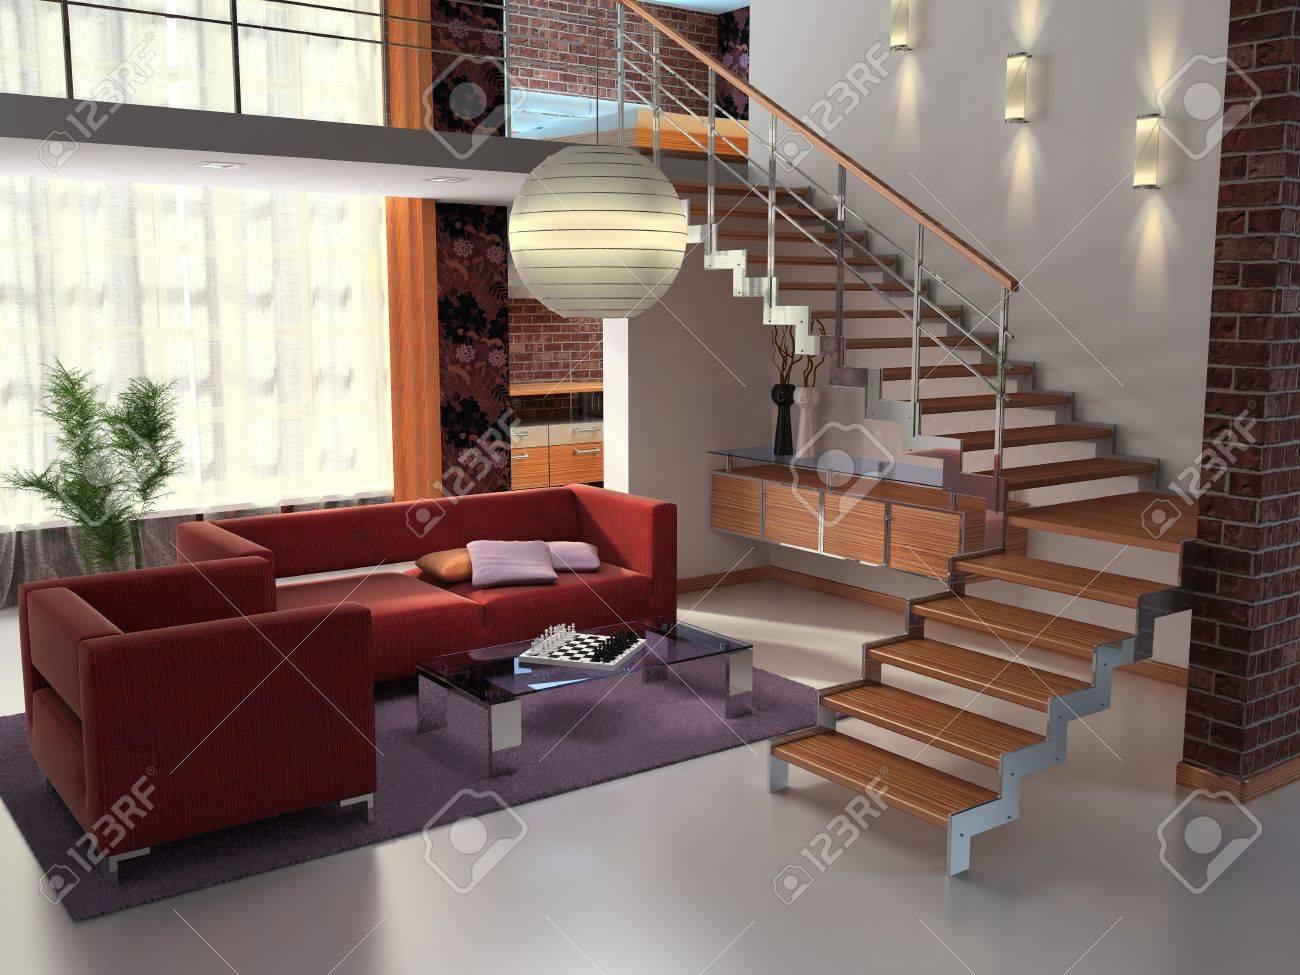 Gran Salón, Incluye: Sala De Estar, Cocina Y Dormitorio. Fotos ...